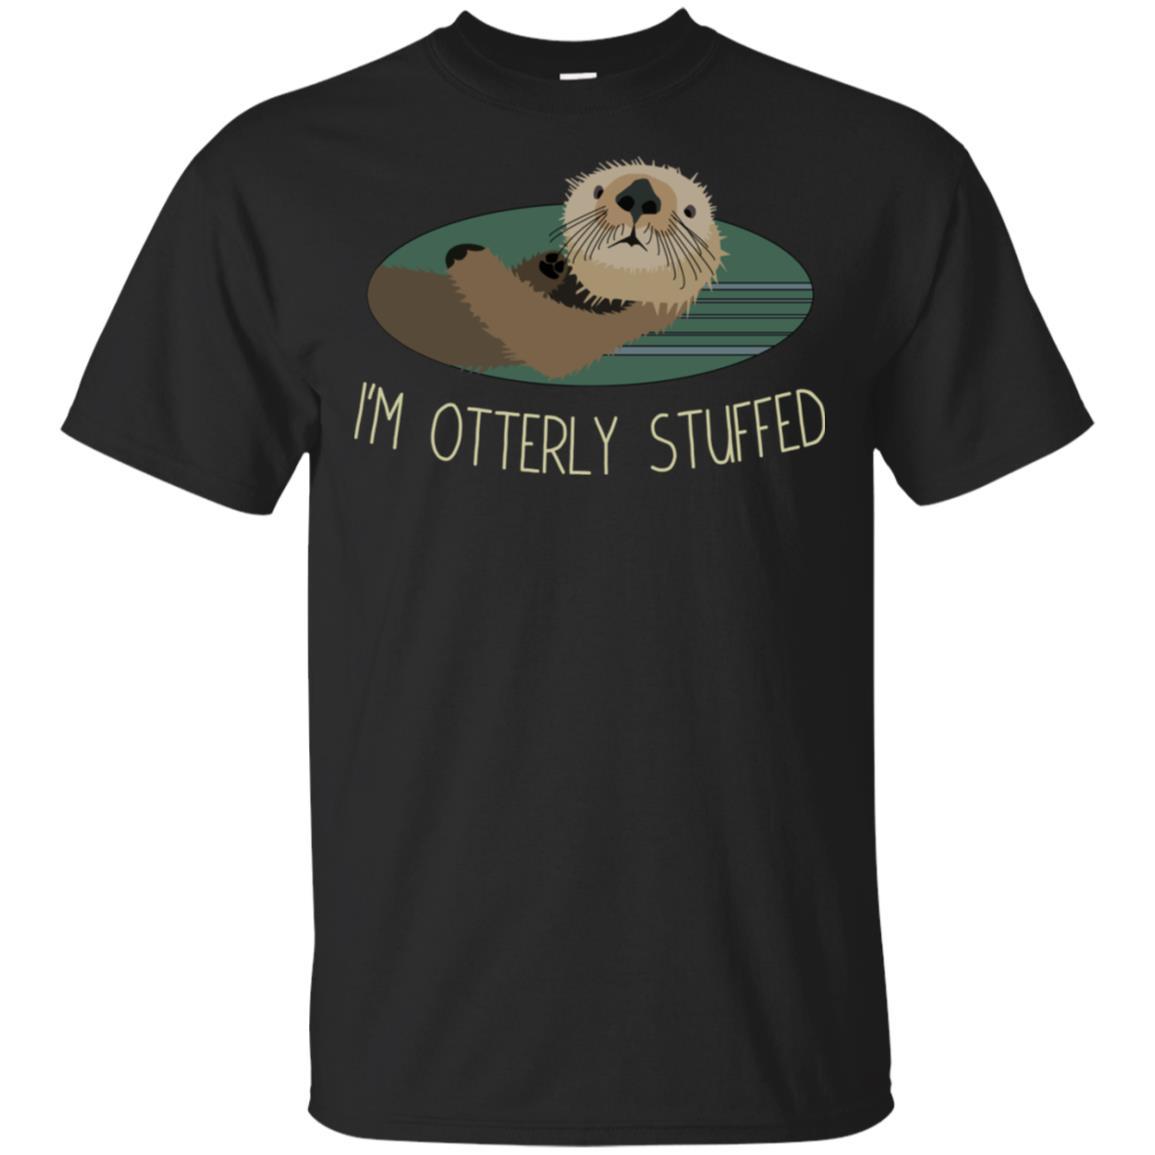 I'm Otterly Stuffed Funny Otter Unisex Short Sleeve